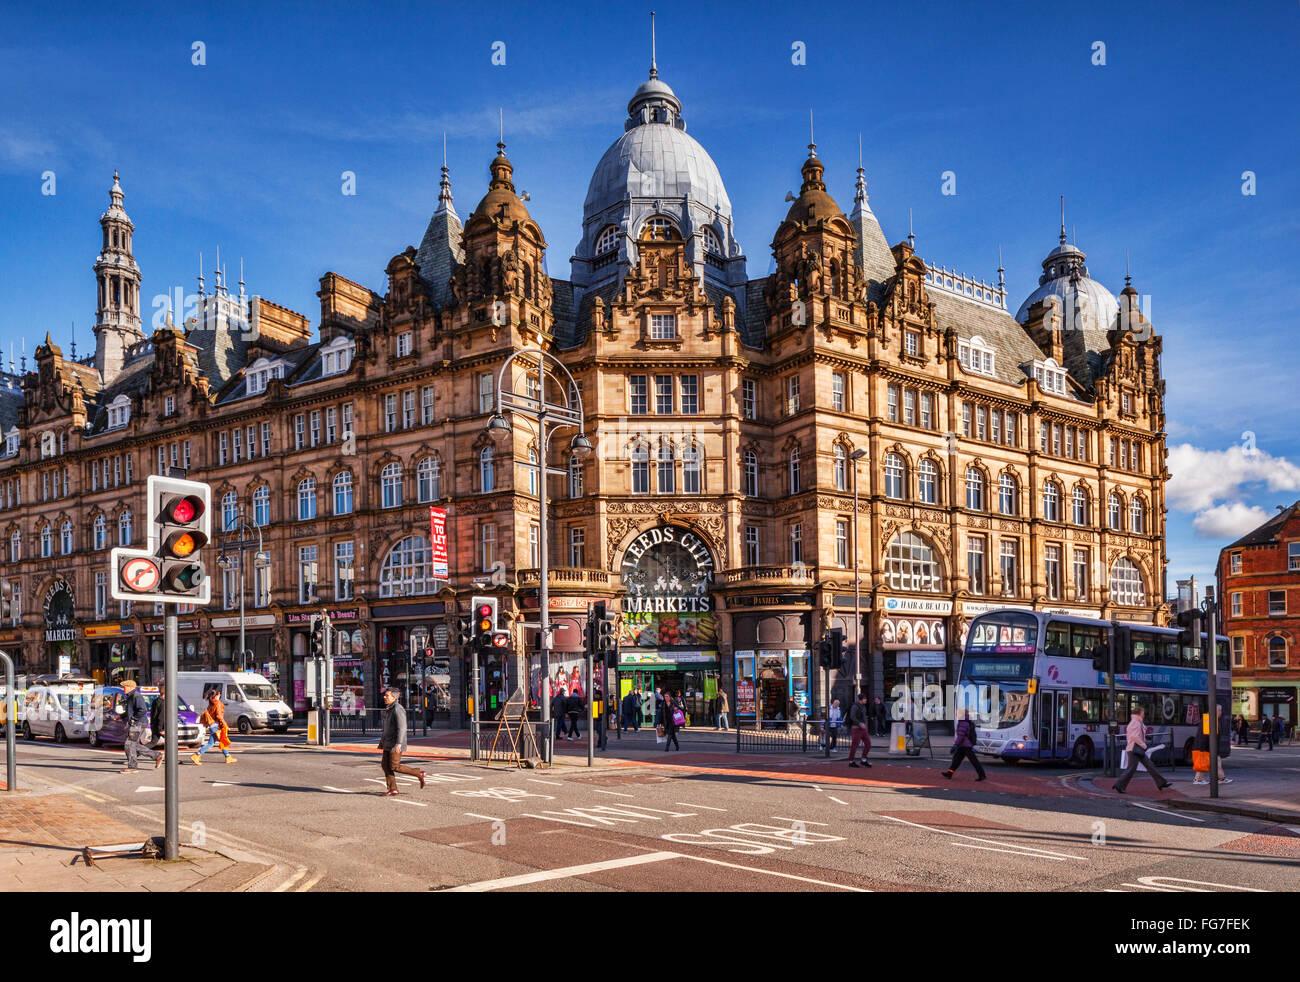 Leeds City Markets, West Yorkshire, England. UK - Stock Image